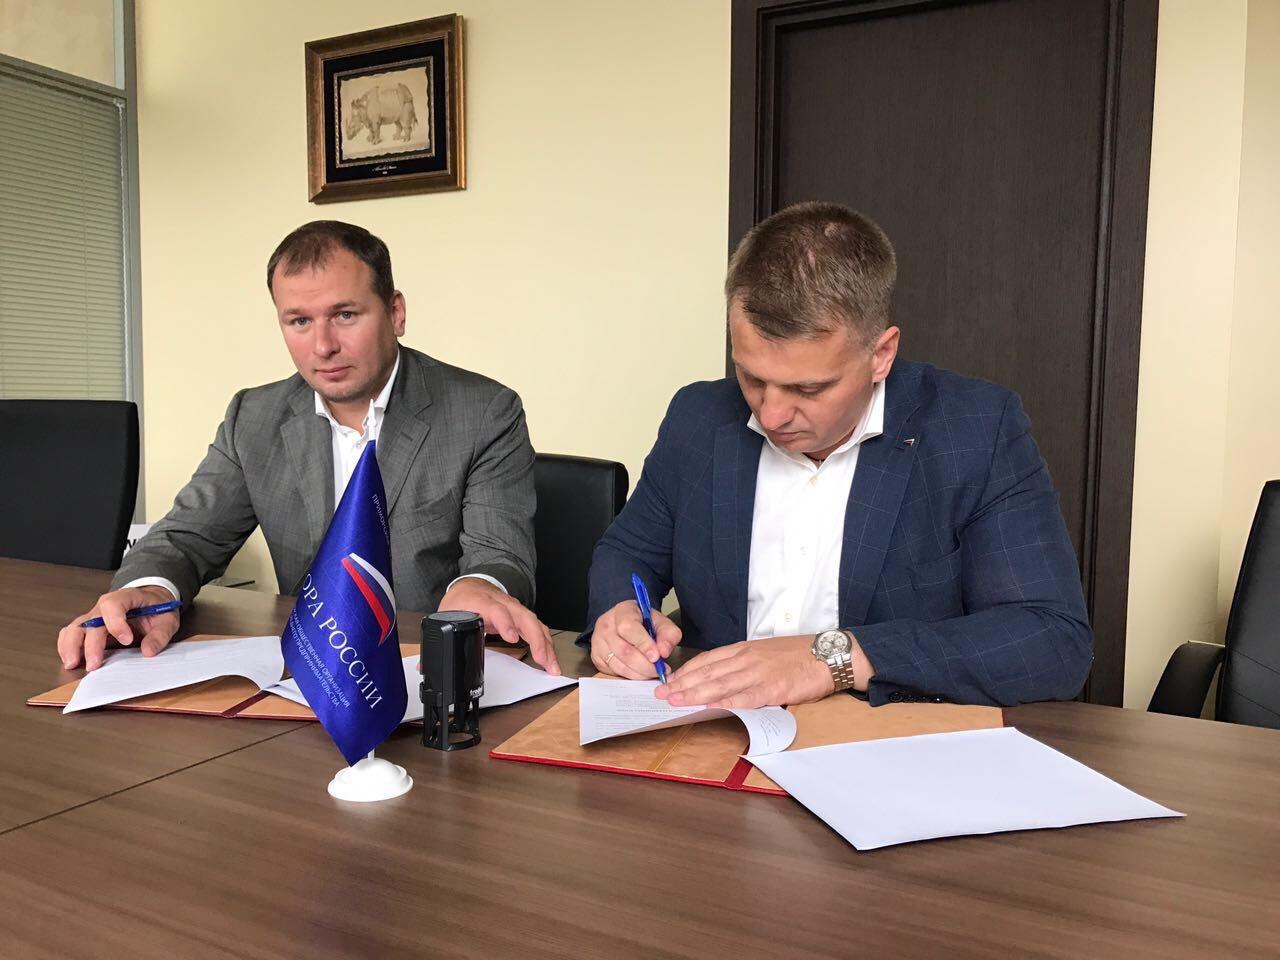 Приморская ОПОРА РОССИИ заключила соглашение с АНО «Инвестиционное Агентство Приморского края»